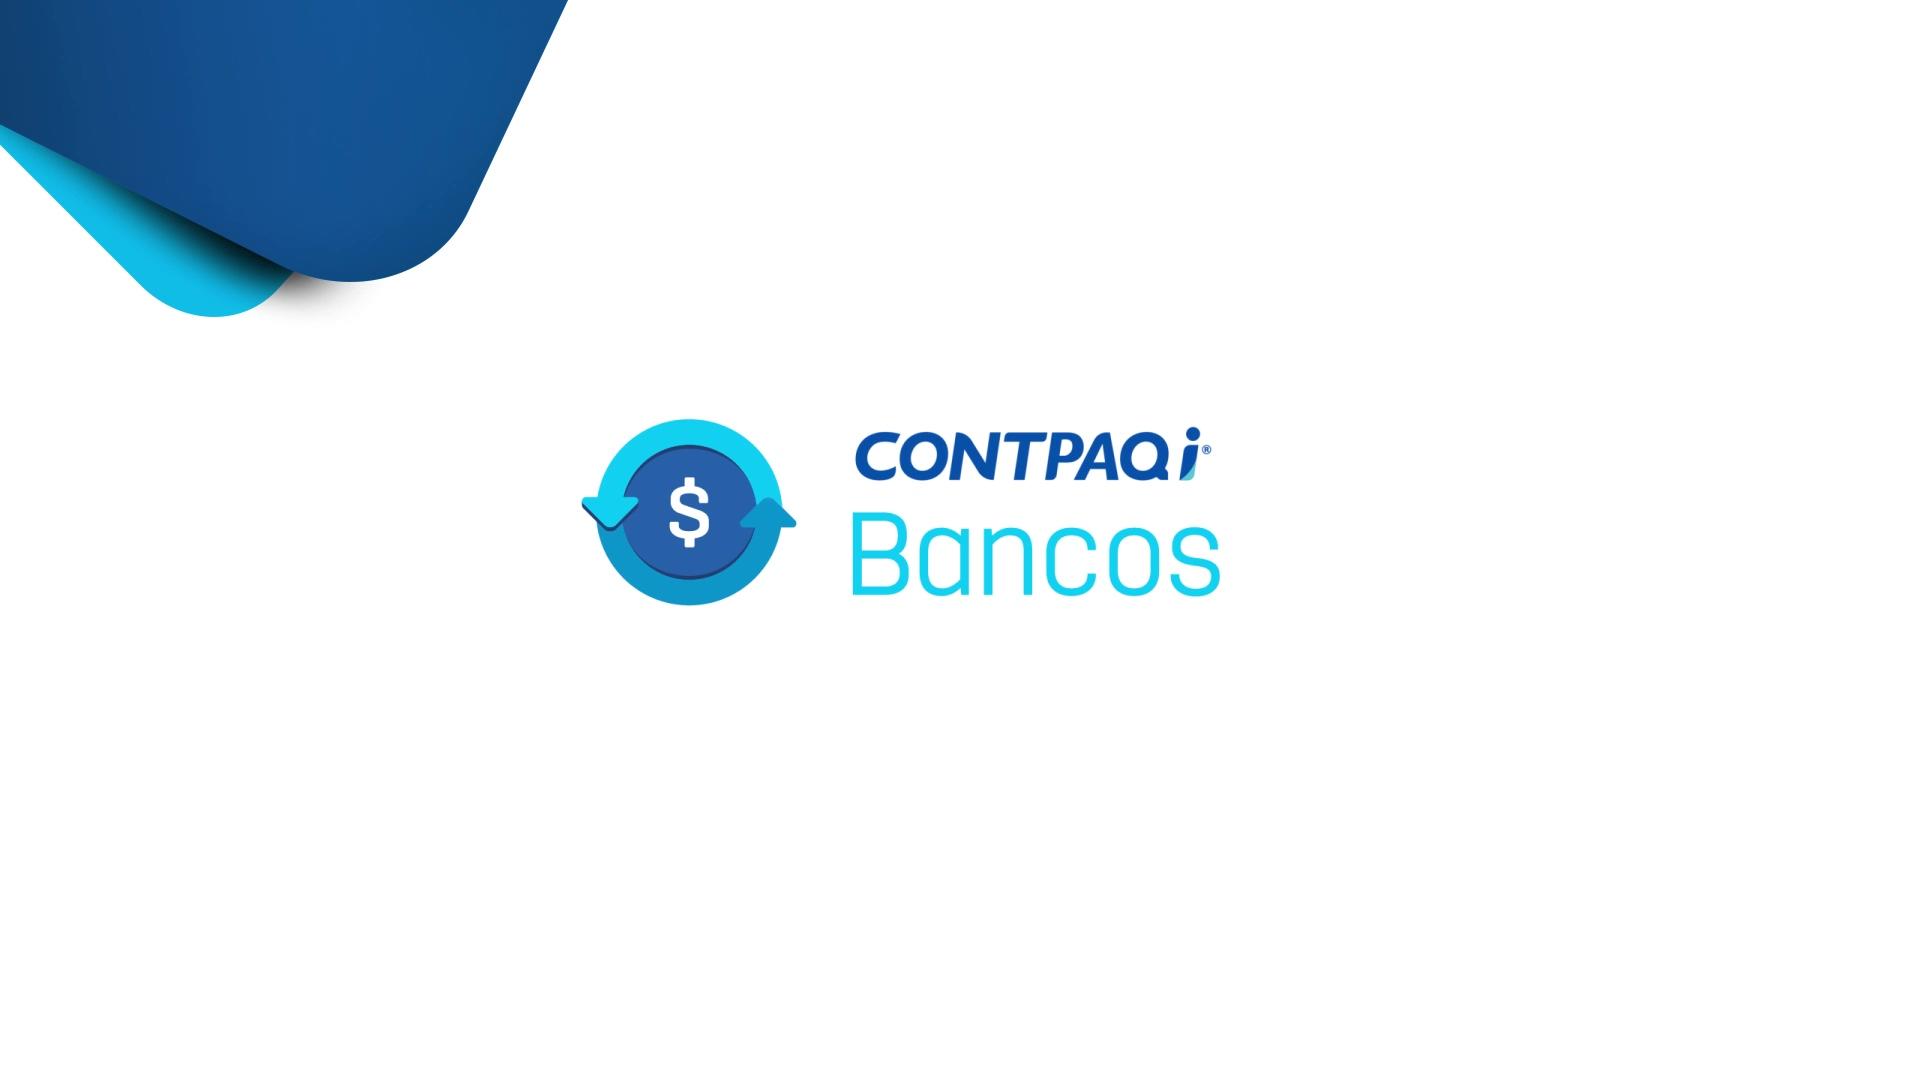 Contpaqi_Bancos_Comercial_2020